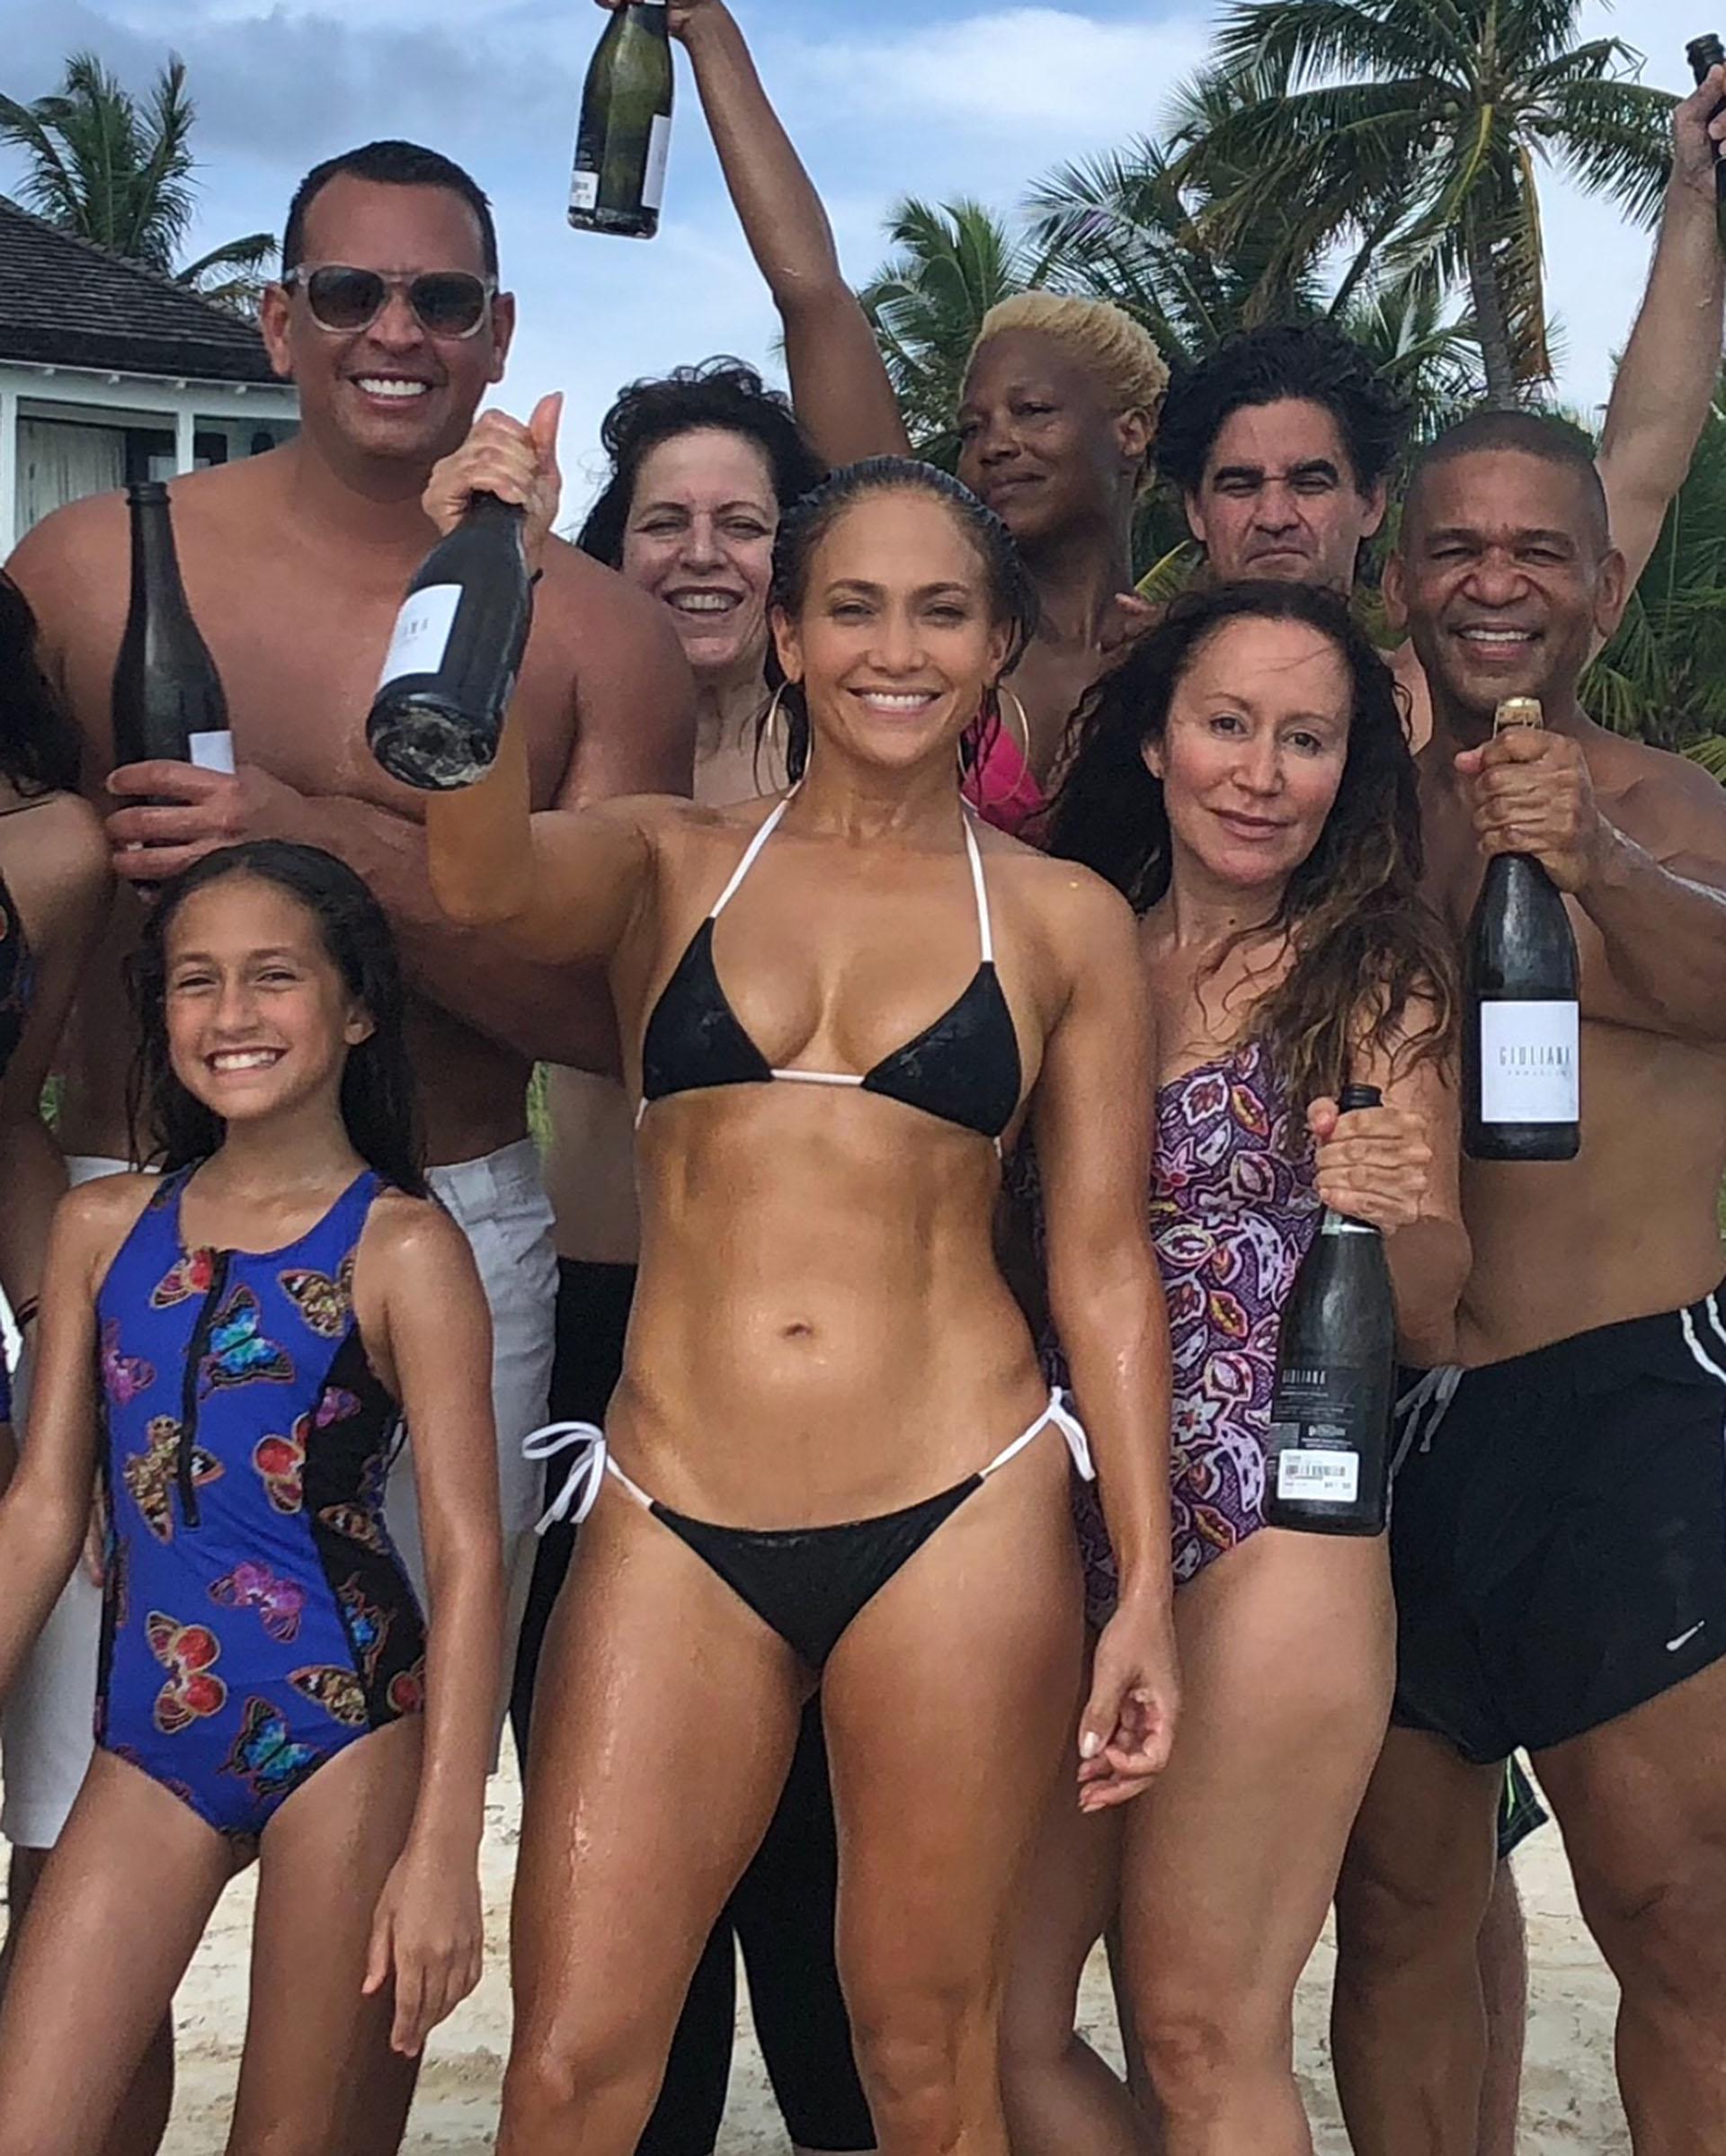 En Bahamas, Jennifer Lopez celebró sus 49 años, rodeada de sus amigos y familiares. La cantante y actriz se mostró feliz con sus hijos y su novio Alex Rodríguez